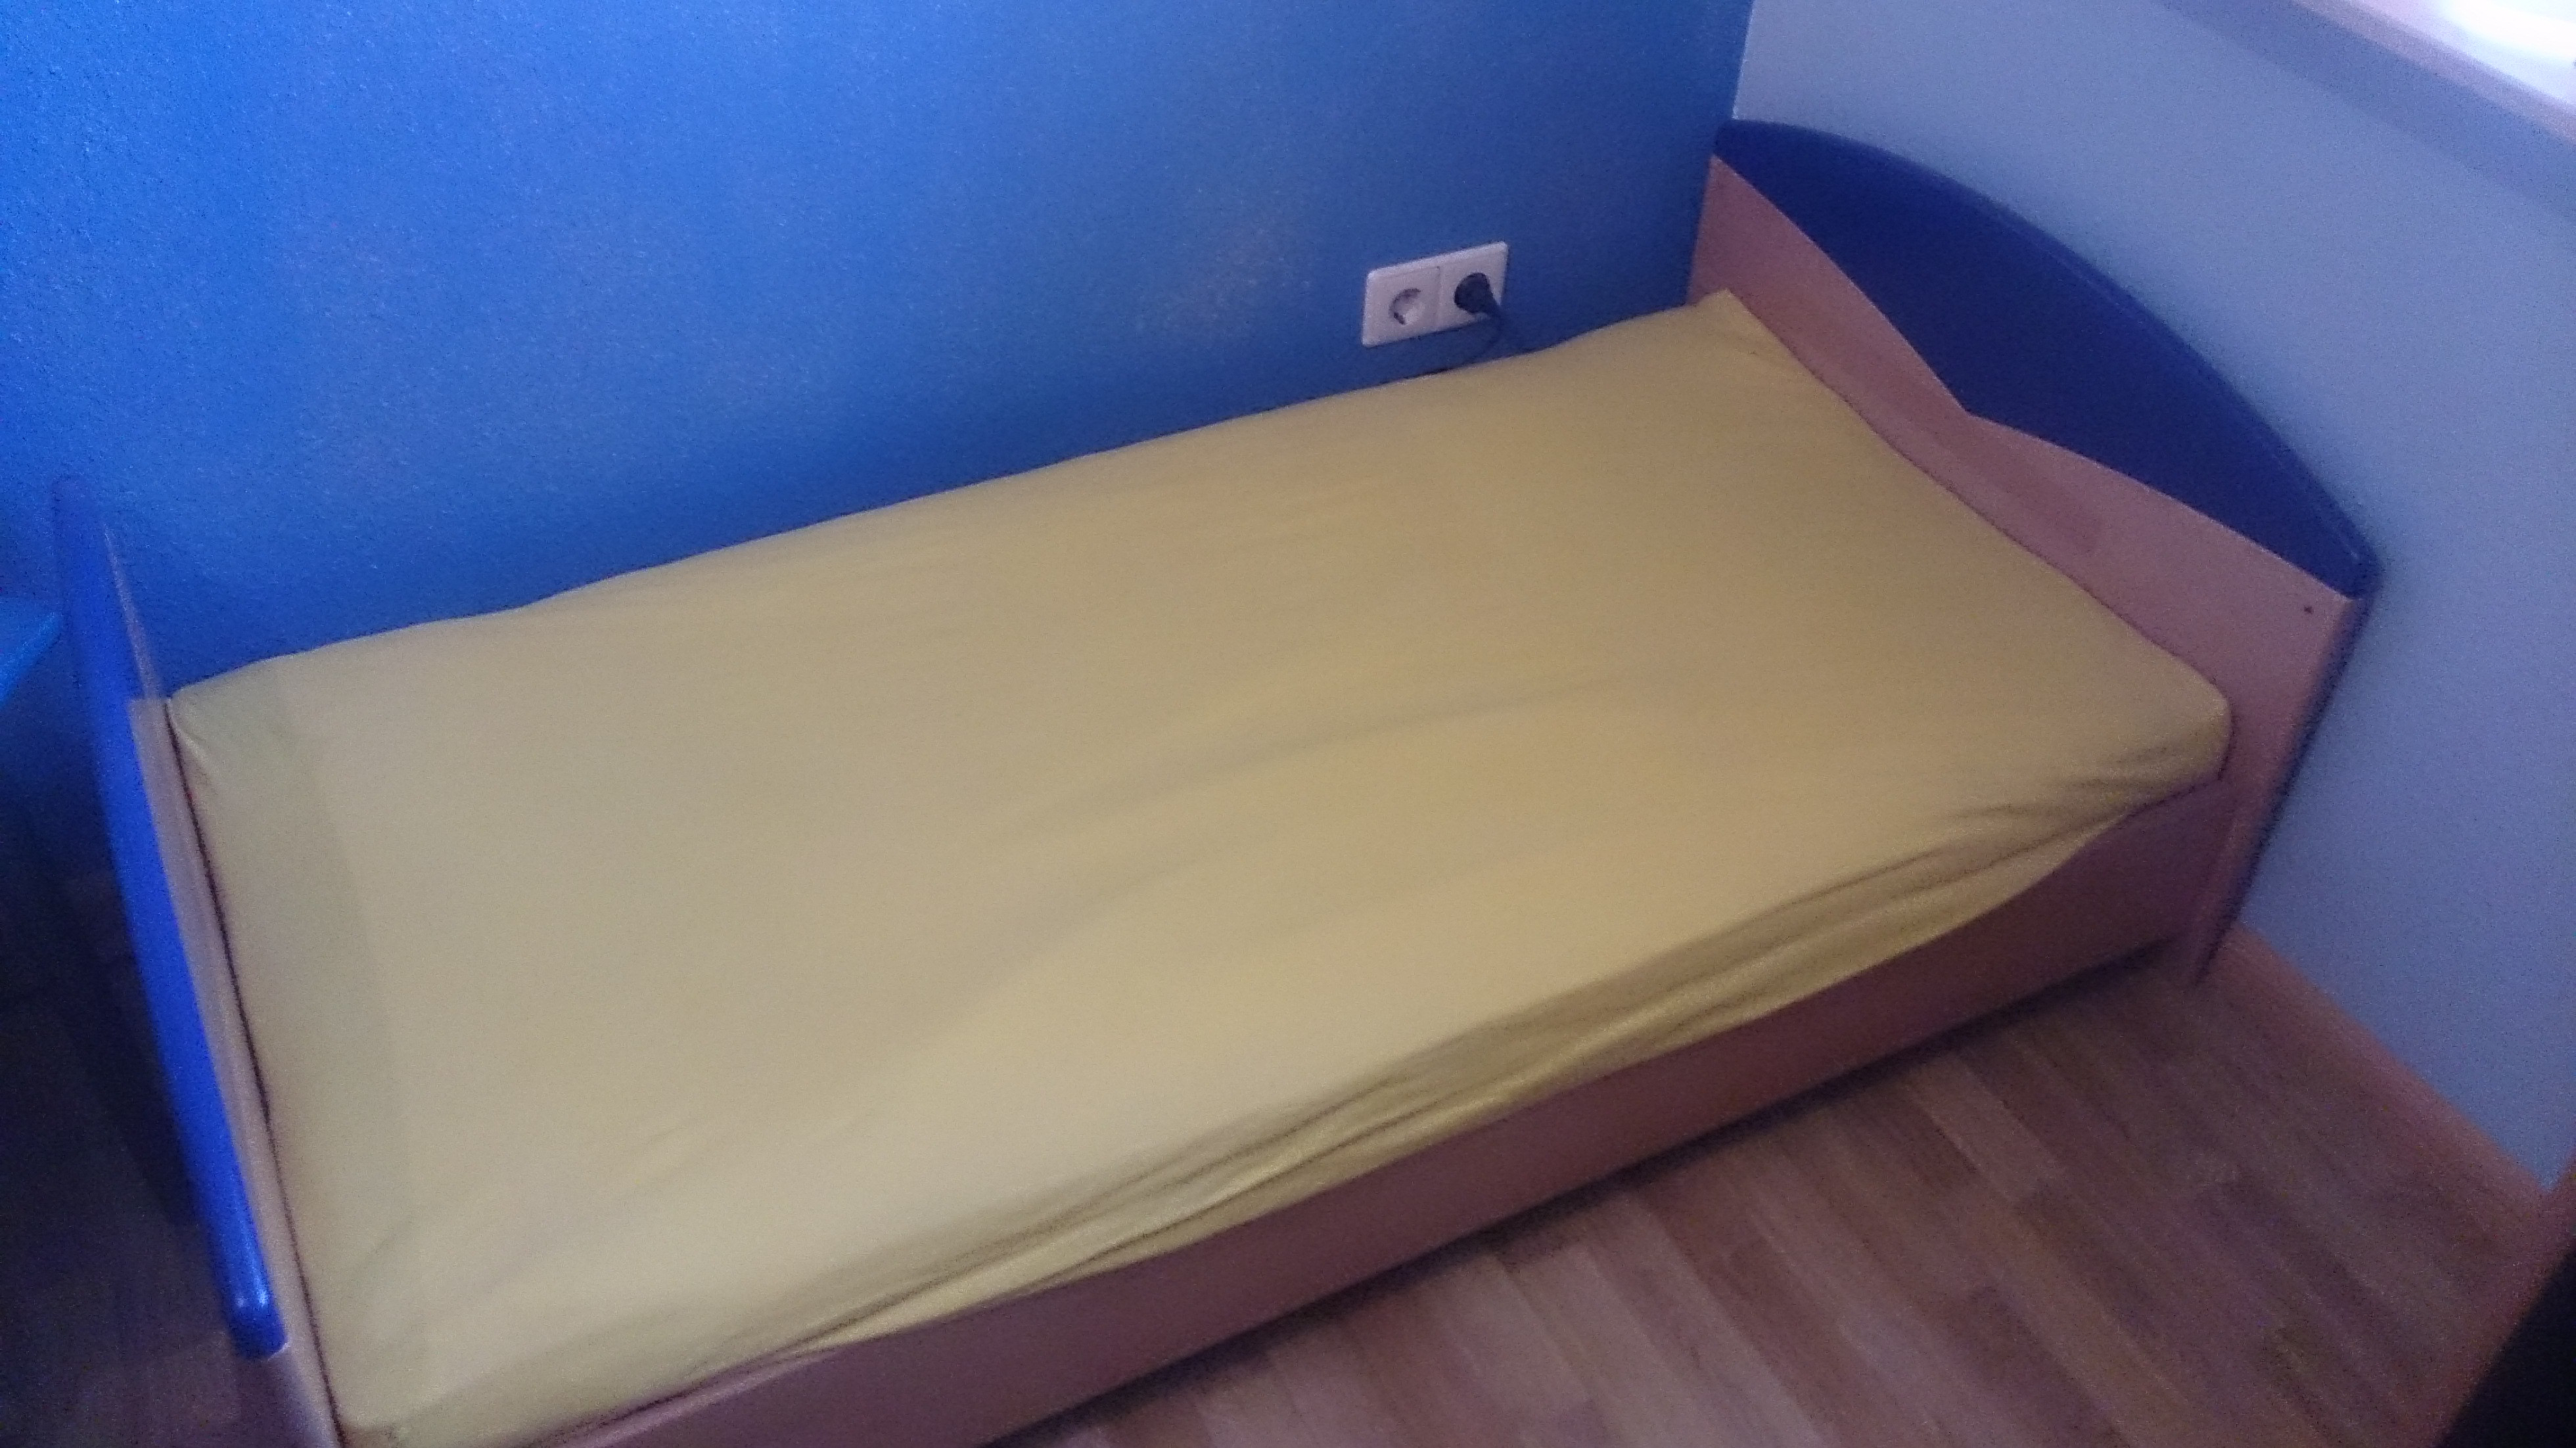 Möbel für Kinderzimmer zu verkaufen, Farbe buche/blau, teilmassiv